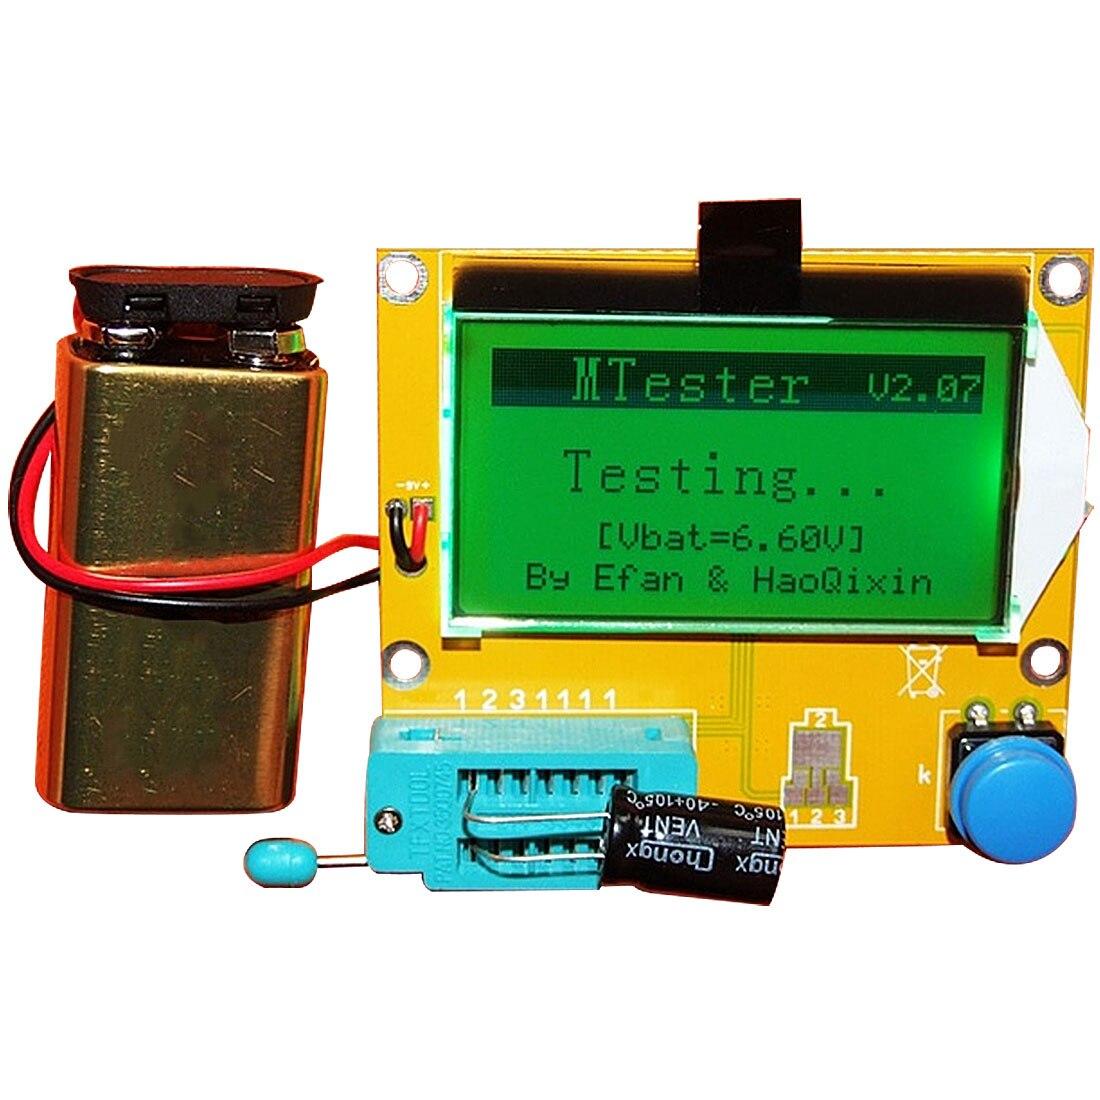 1 stücke LCD Digitale Transistor Tester Meter LCR-T4 Hintergrundbeleuchtung Diode Triode Kapazität ESR Meter Für MOSFET/JFET/PNP /NPN L/C/R 1